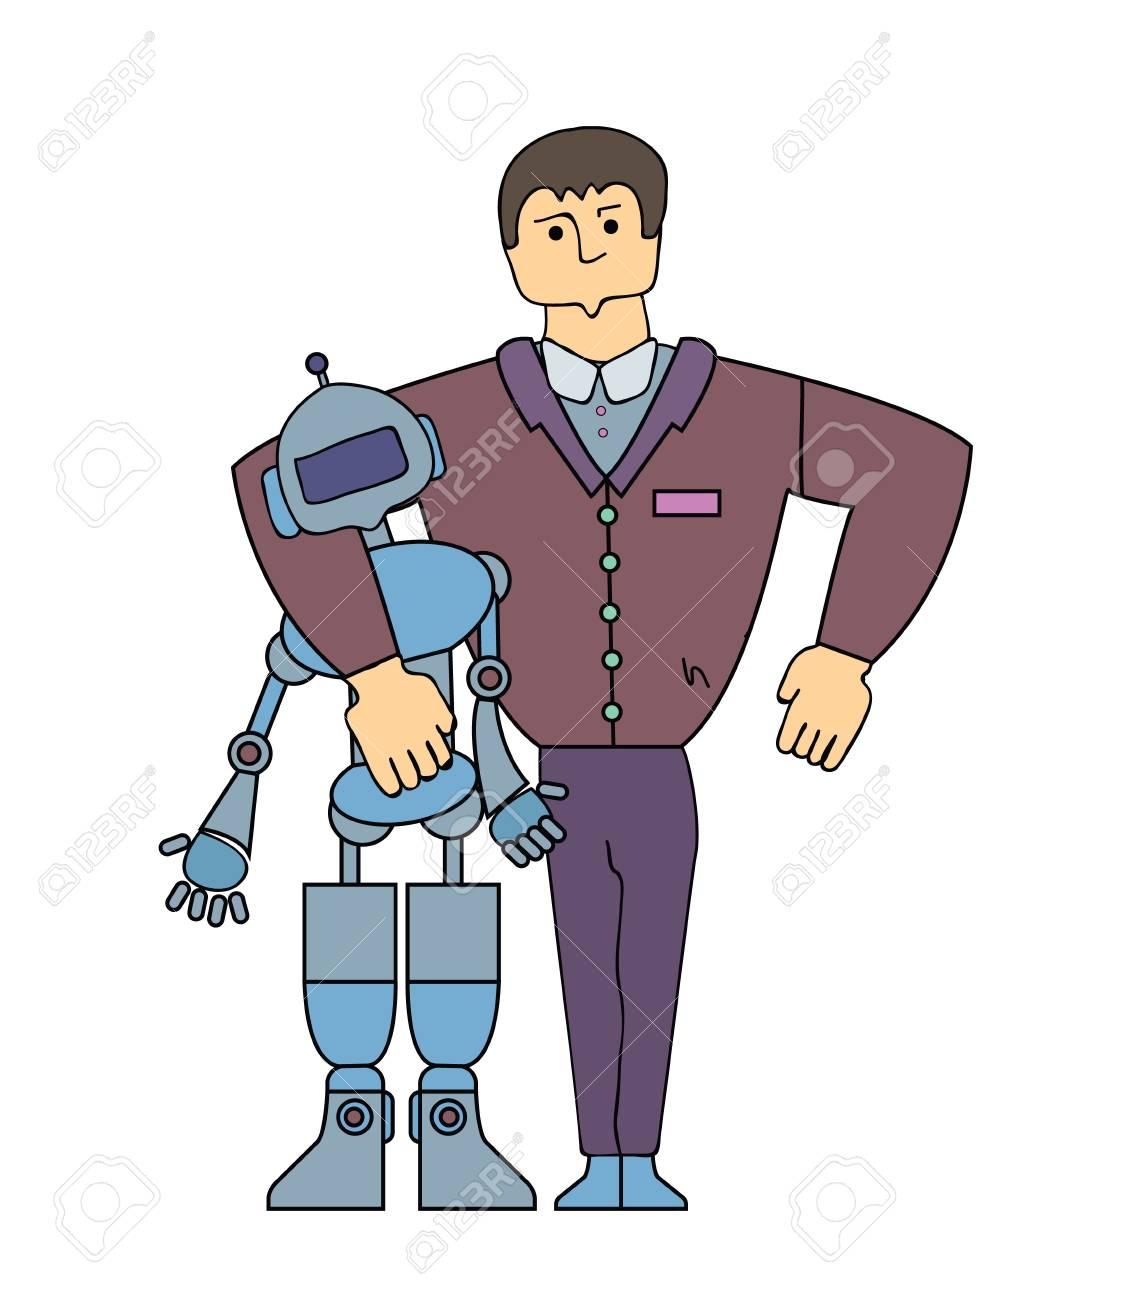 Human-Robot Interaction  Strong man embracing a robot  Cartoon